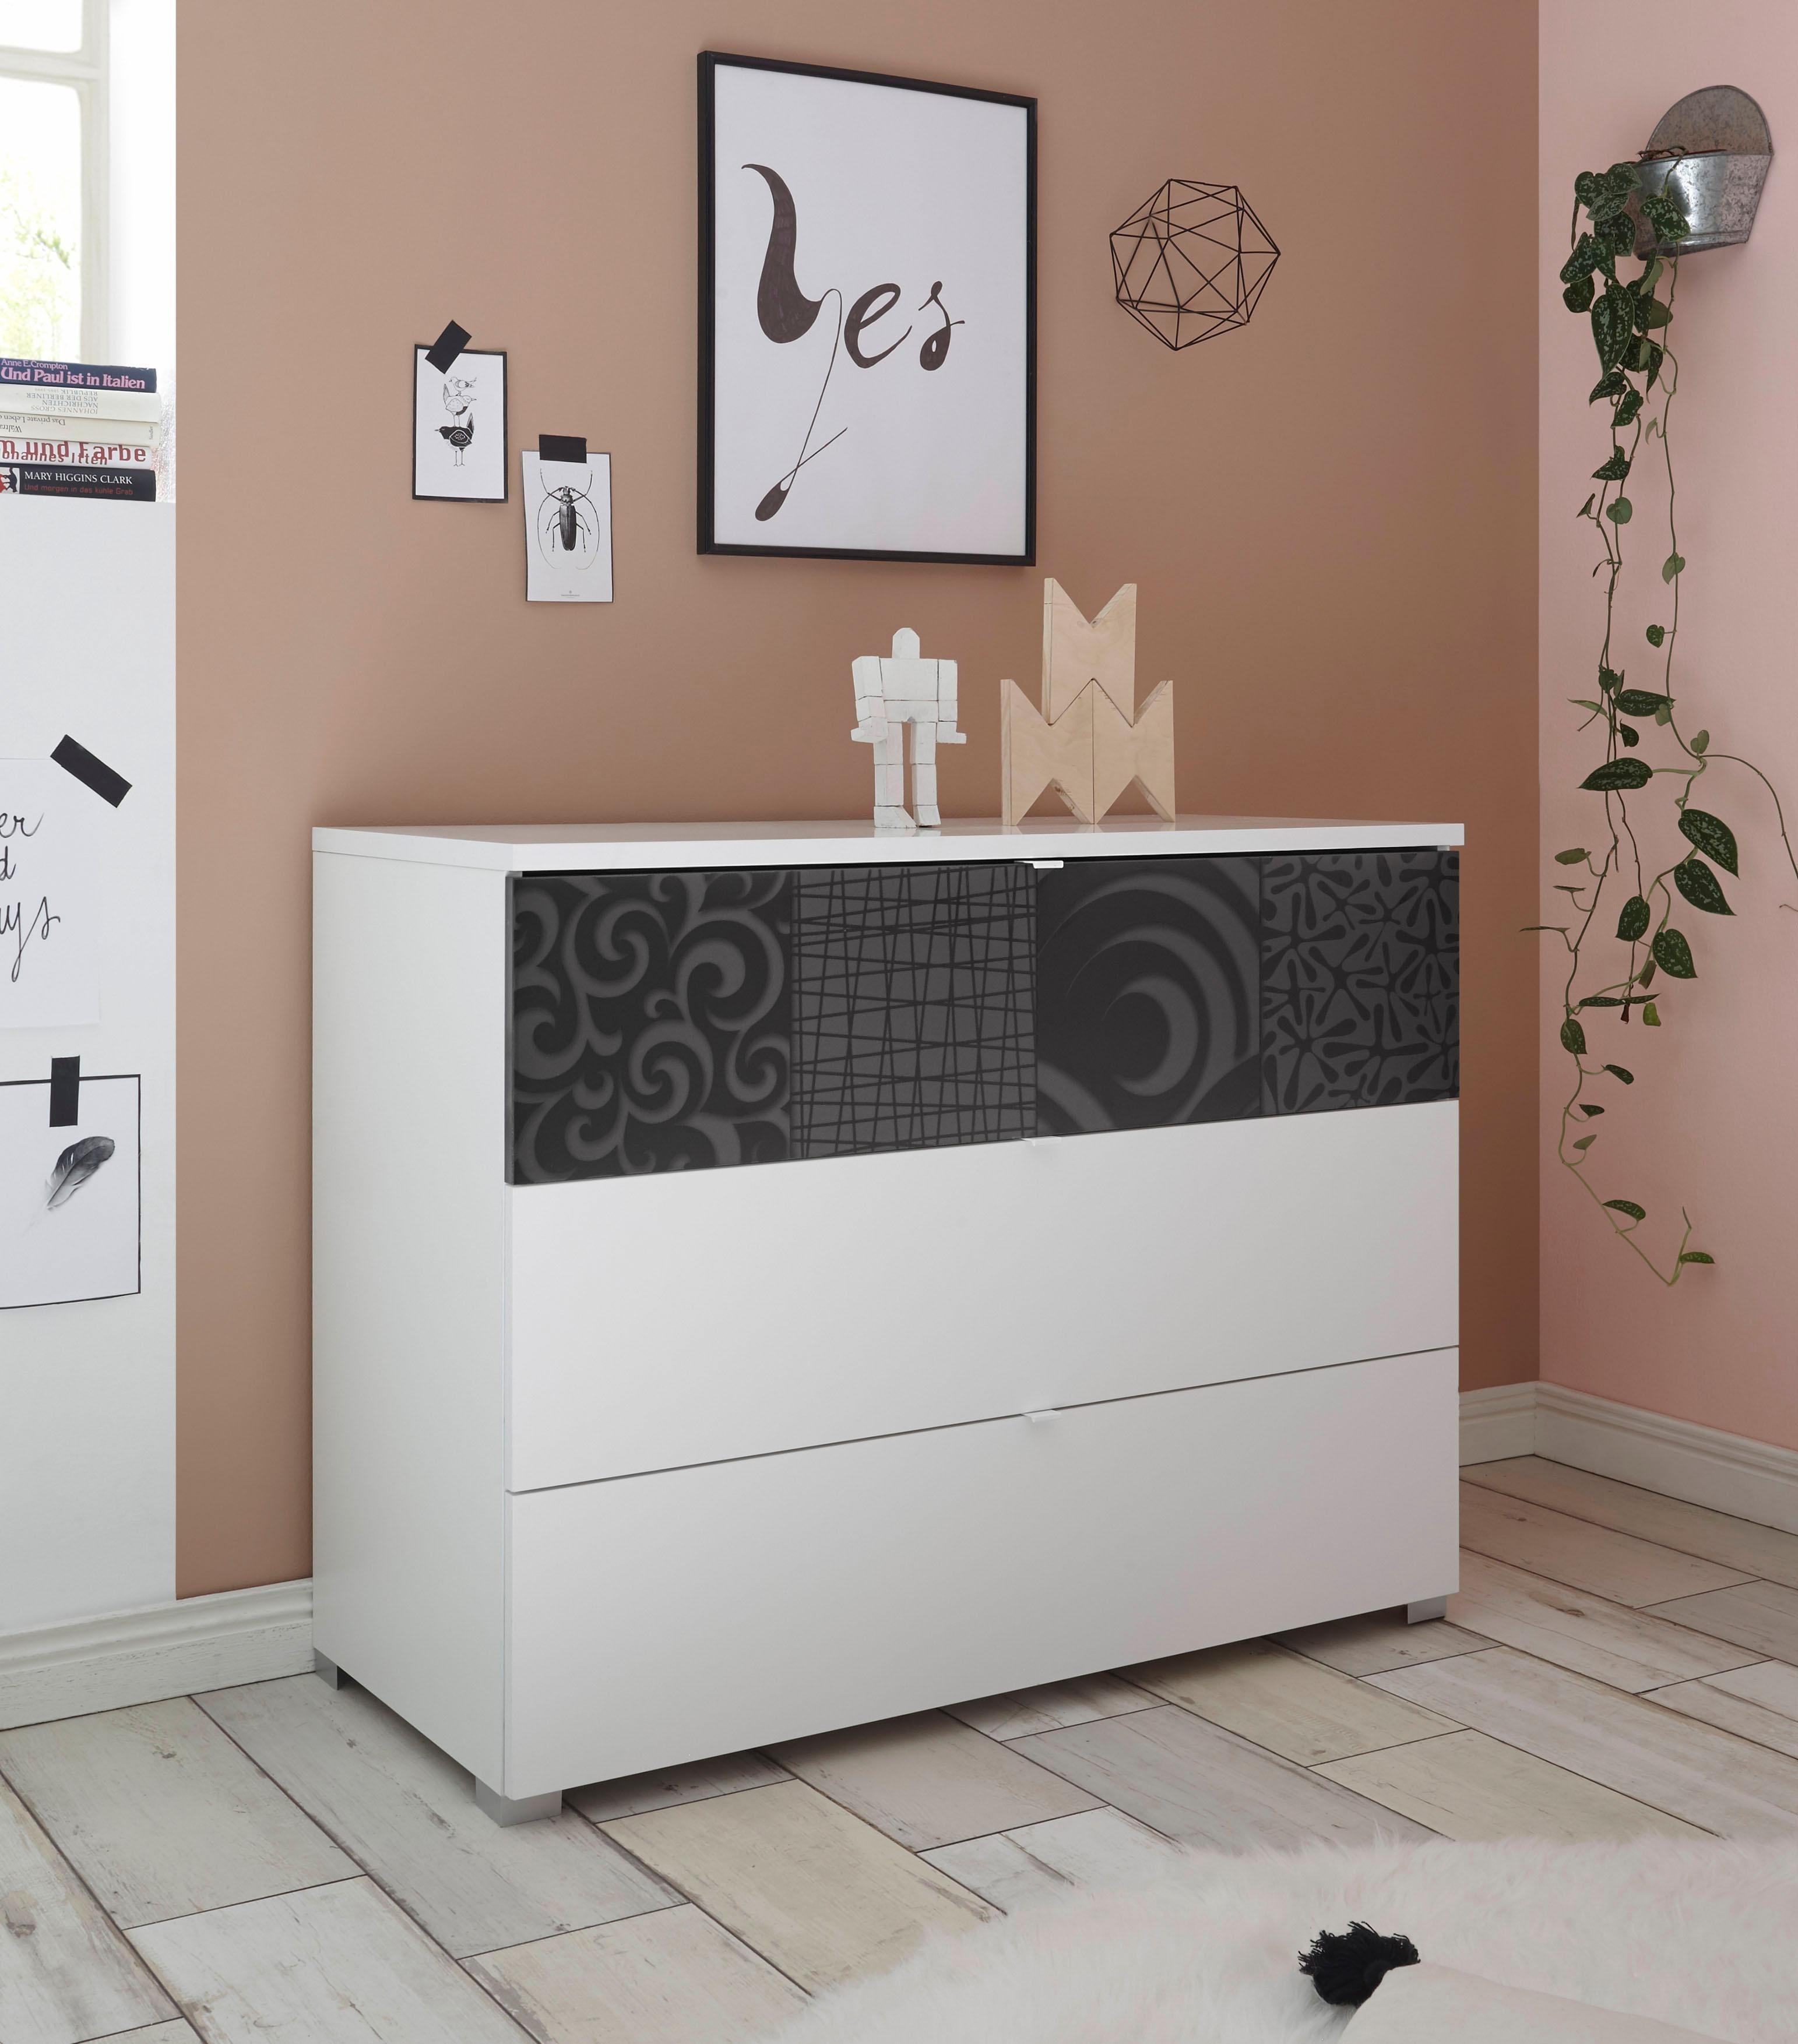 kuhle dekoration kommode schwarz antik, holzwerkstoff kommoden online kaufen | möbel-suchmaschine, Innenarchitektur